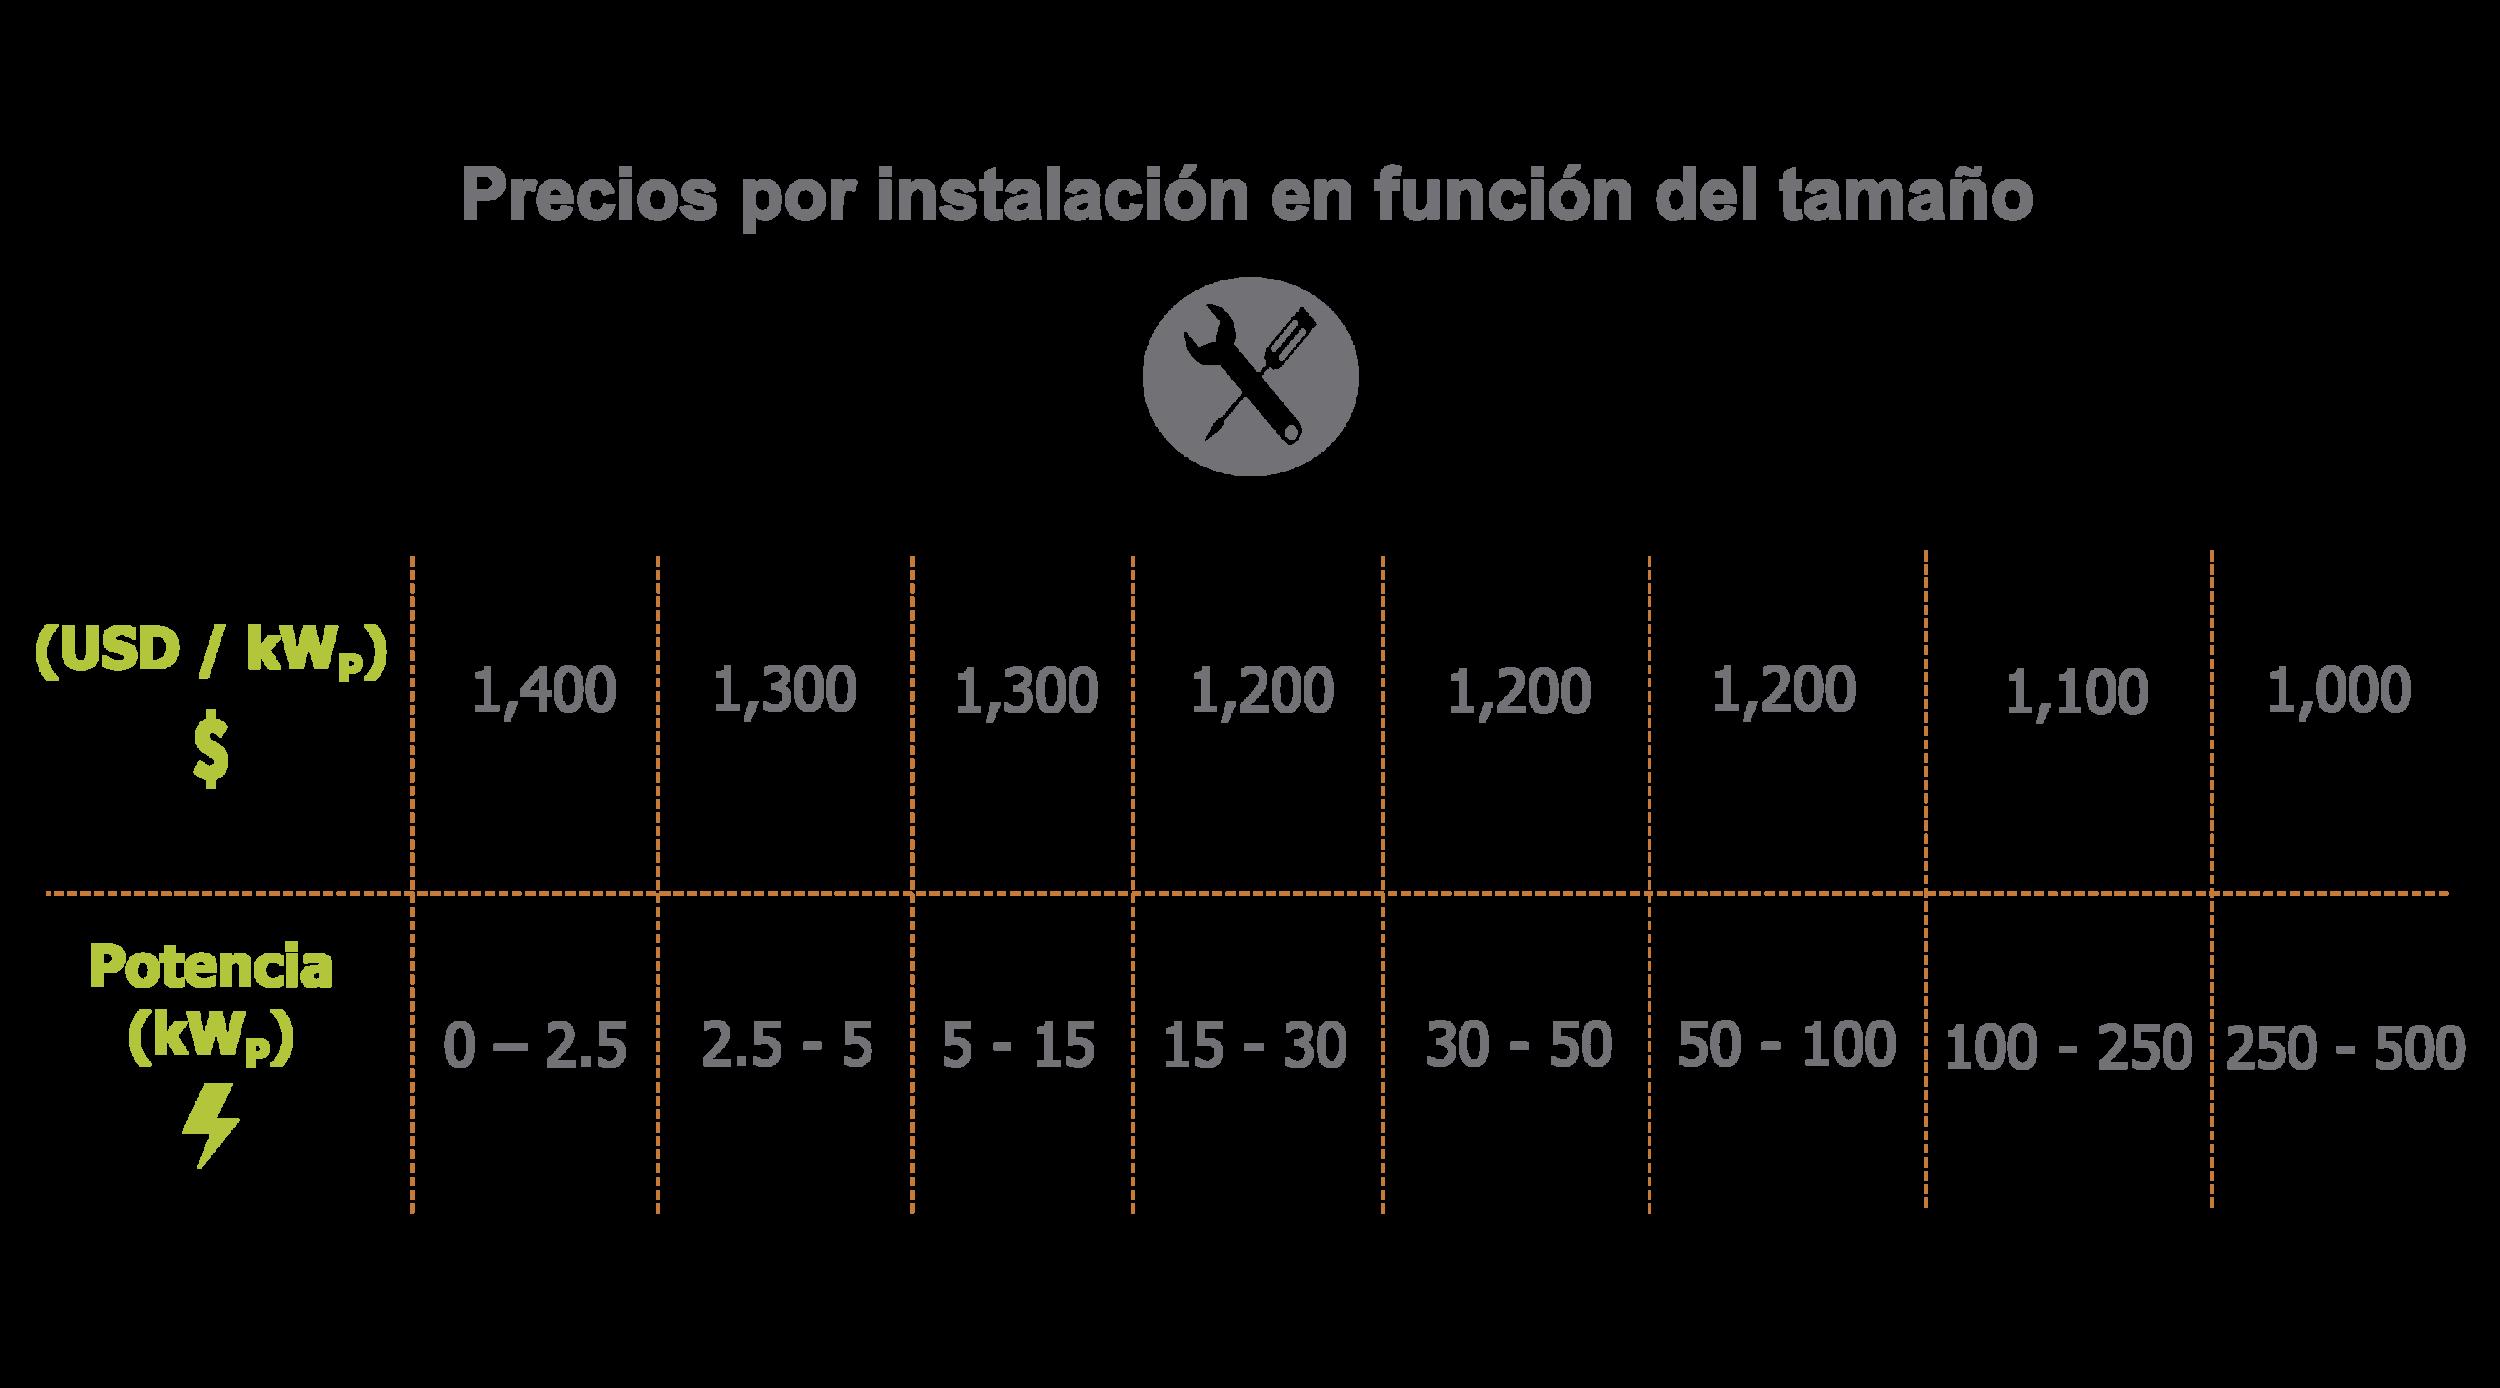 precio por instalacion fotovoltaica